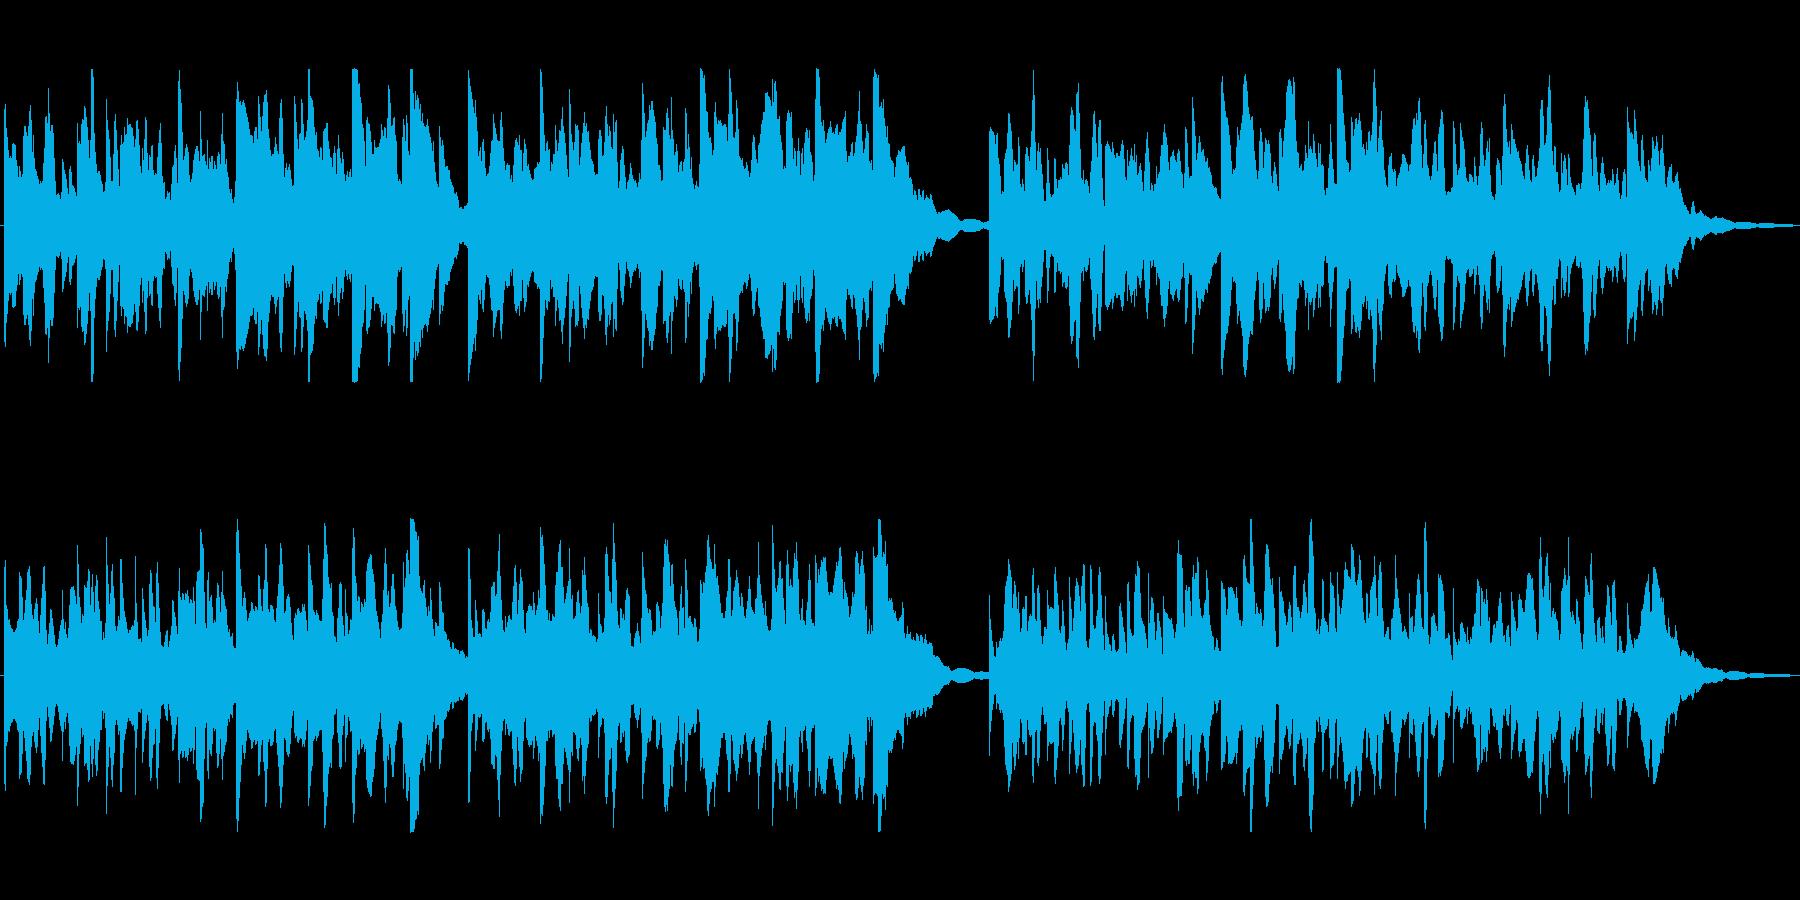 平穏、静かな日常のアコースティック曲の再生済みの波形